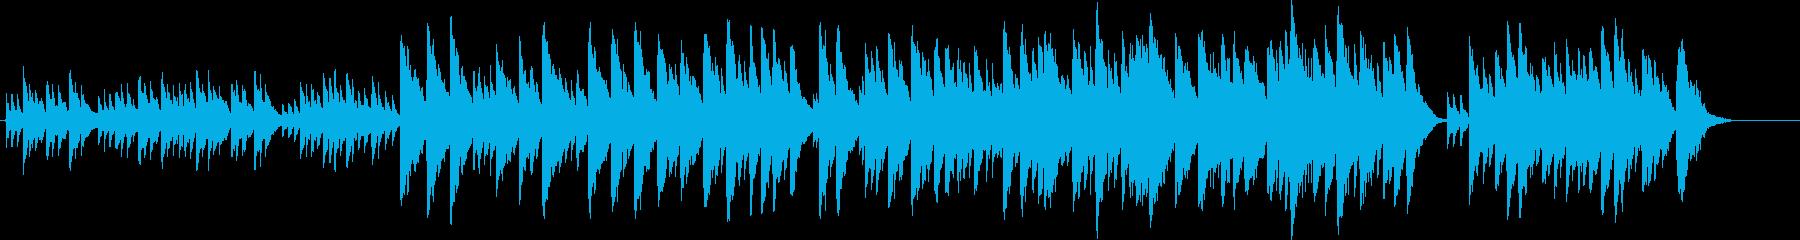 静かで感動的なオルゴール曲の再生済みの波形